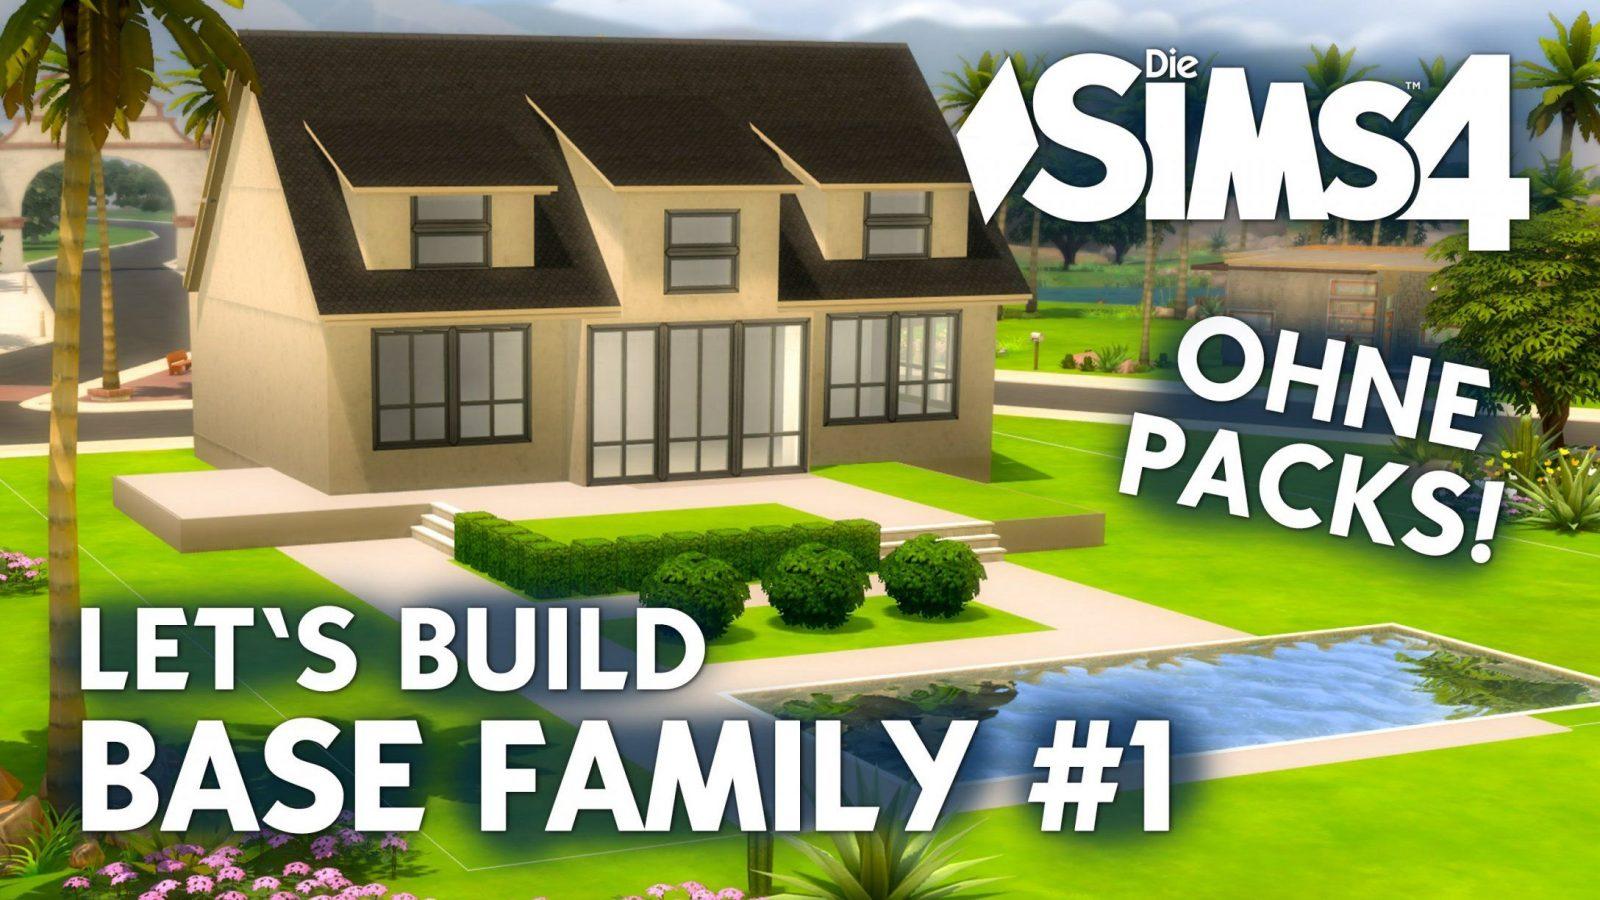 Die Sims 4 Haus Bauen Ohne Packs  Base Family 1 Grundriss von Sims 4 Haus Bauen Photo